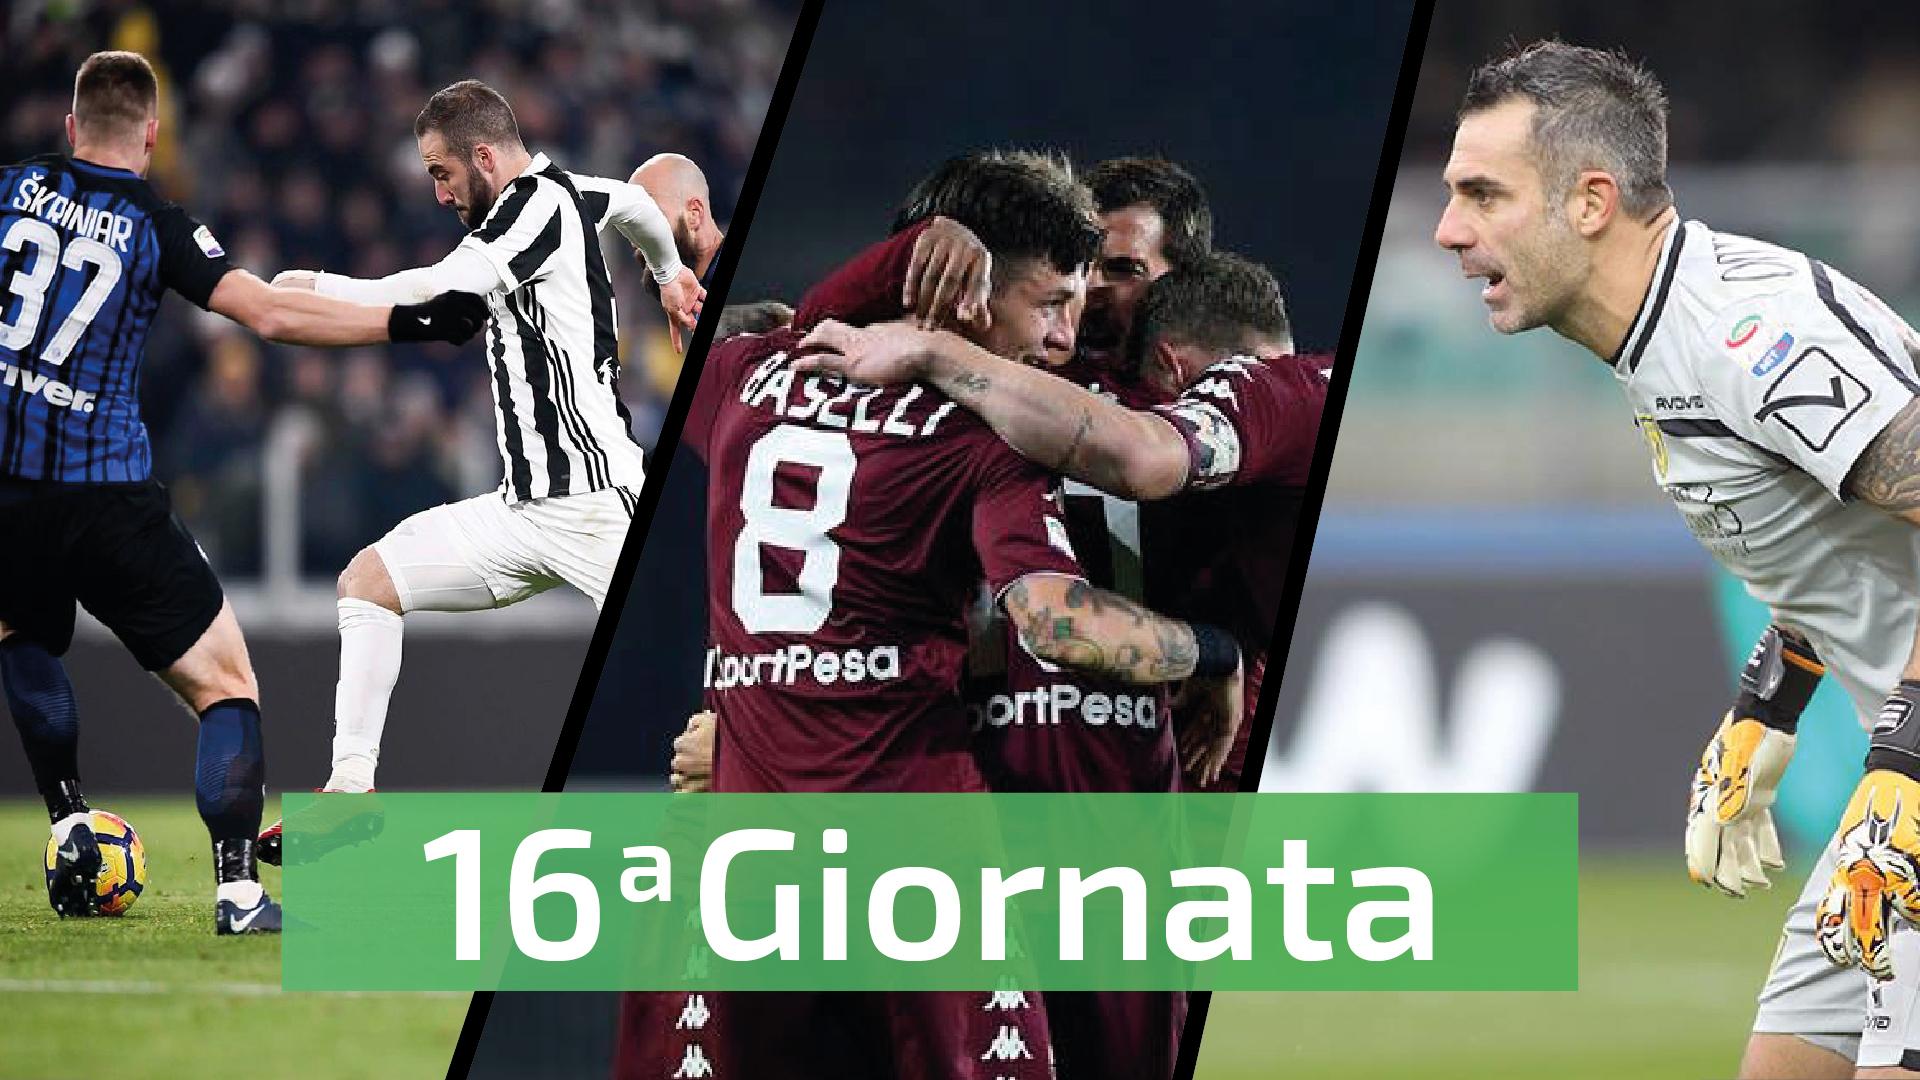 sedicesima giornata Serie A social